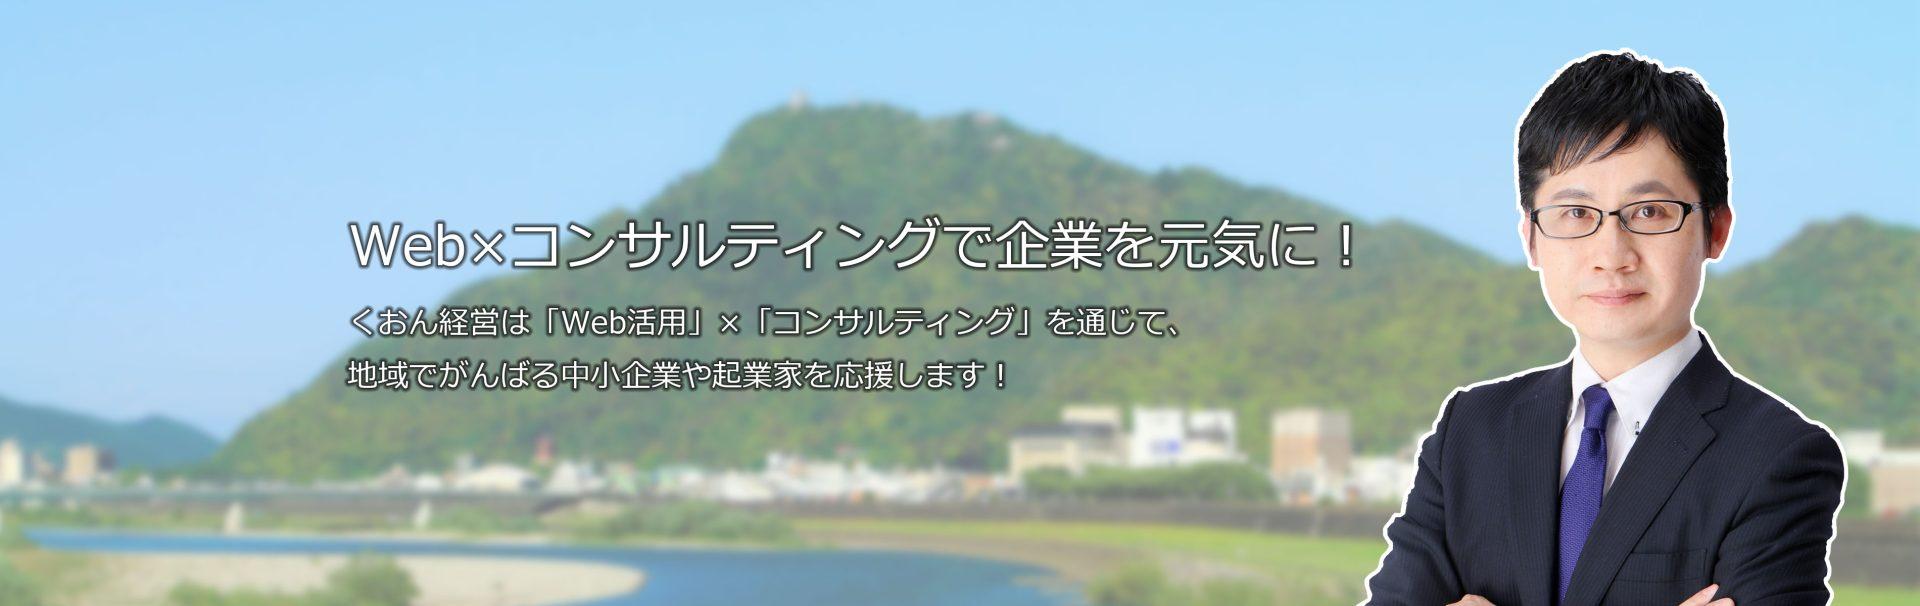 くおん経営 遠藤久志(中小企業診断士・ITコーディネータ)